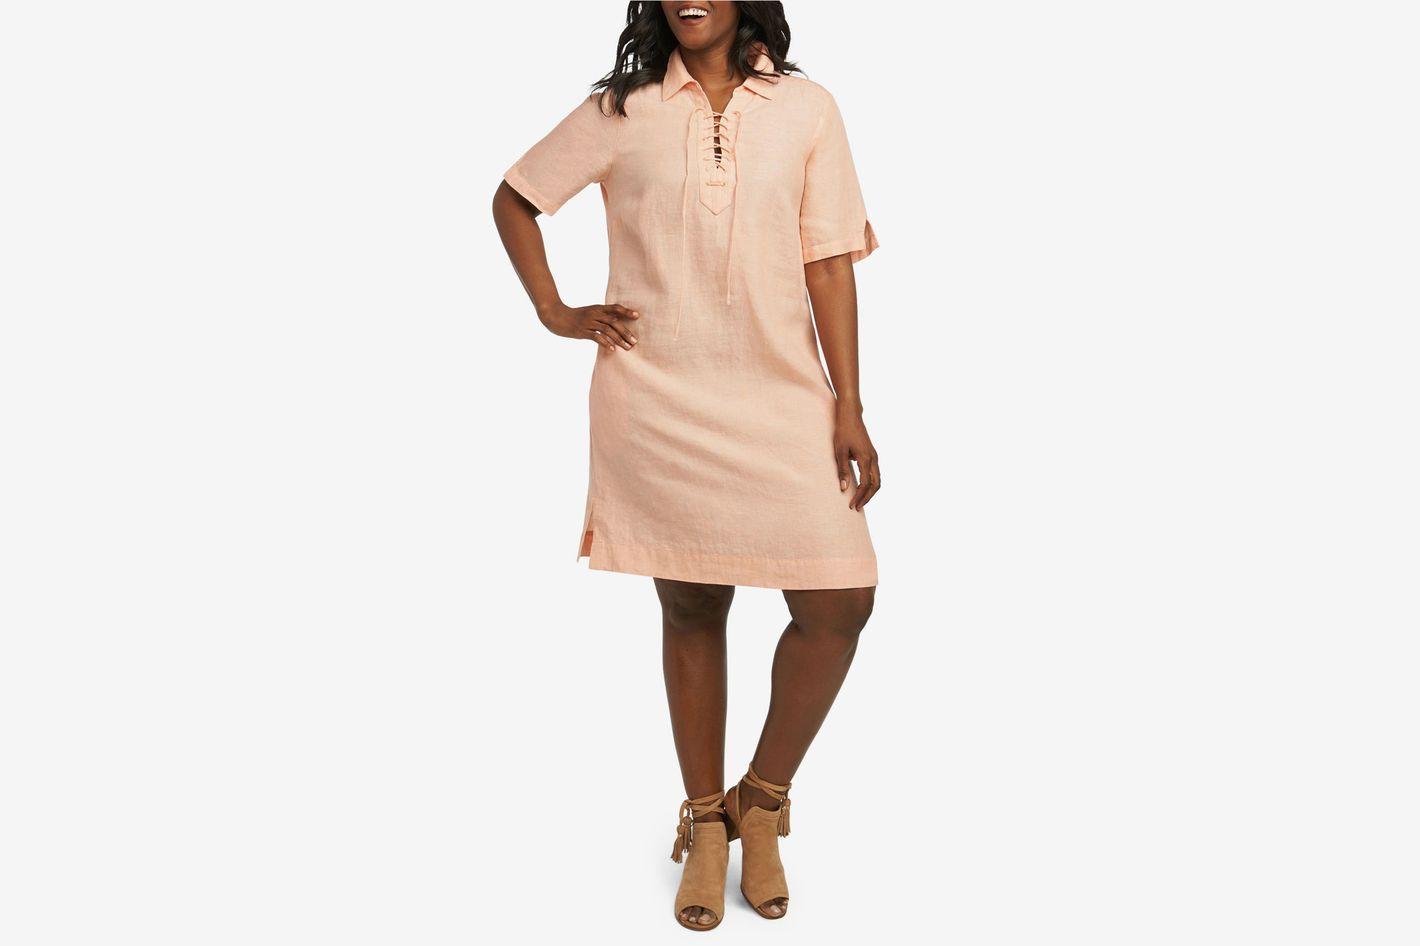 712925b032 13 Best Linen Dresses for Summer 2018